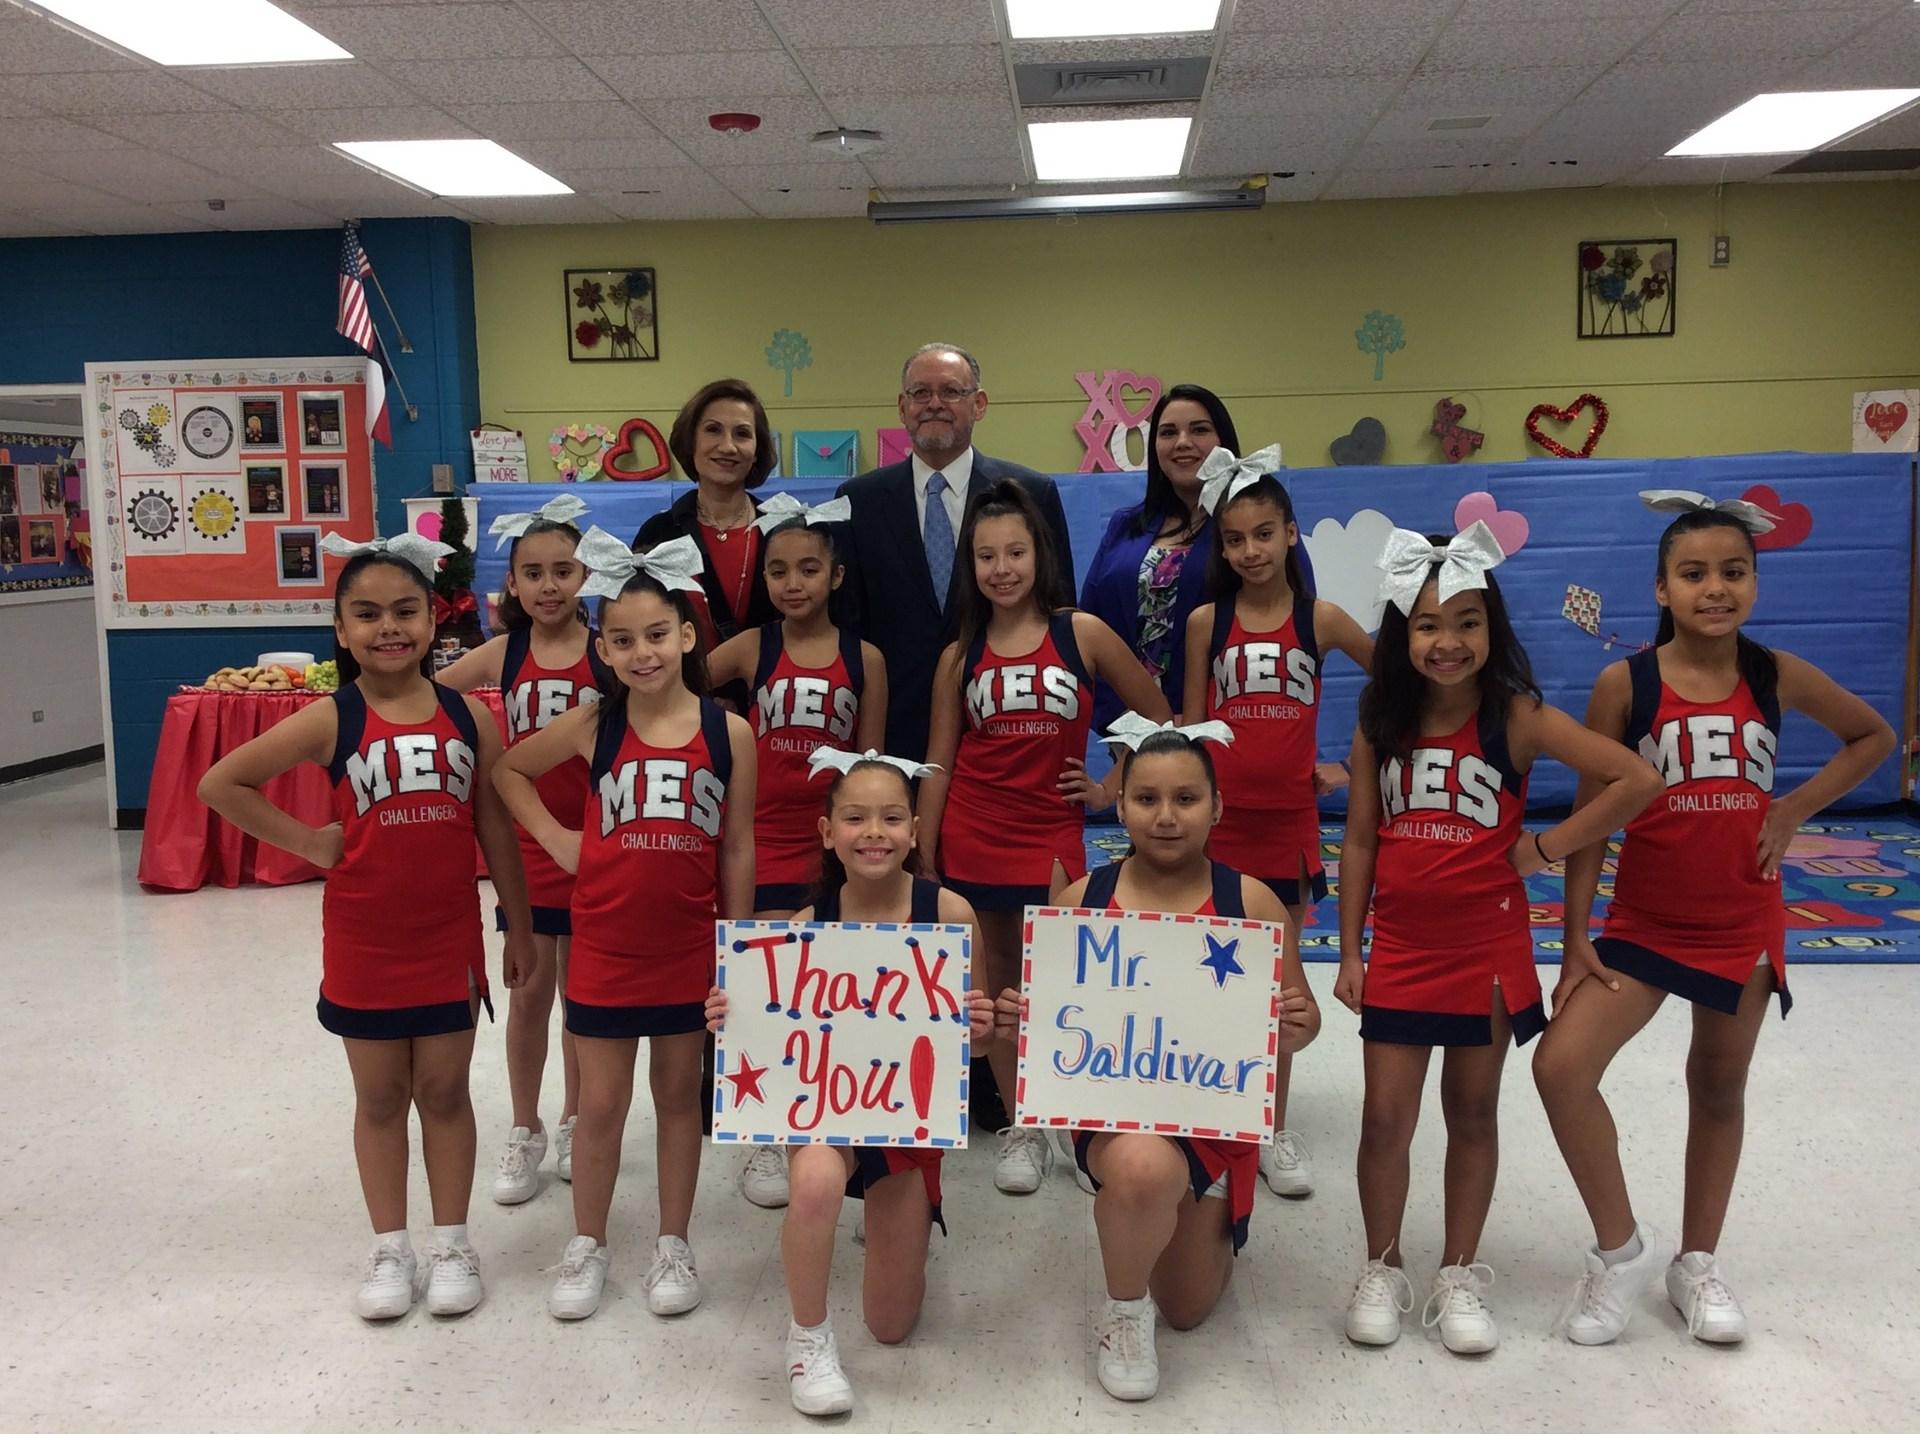 cheerleaders performing in the gym.